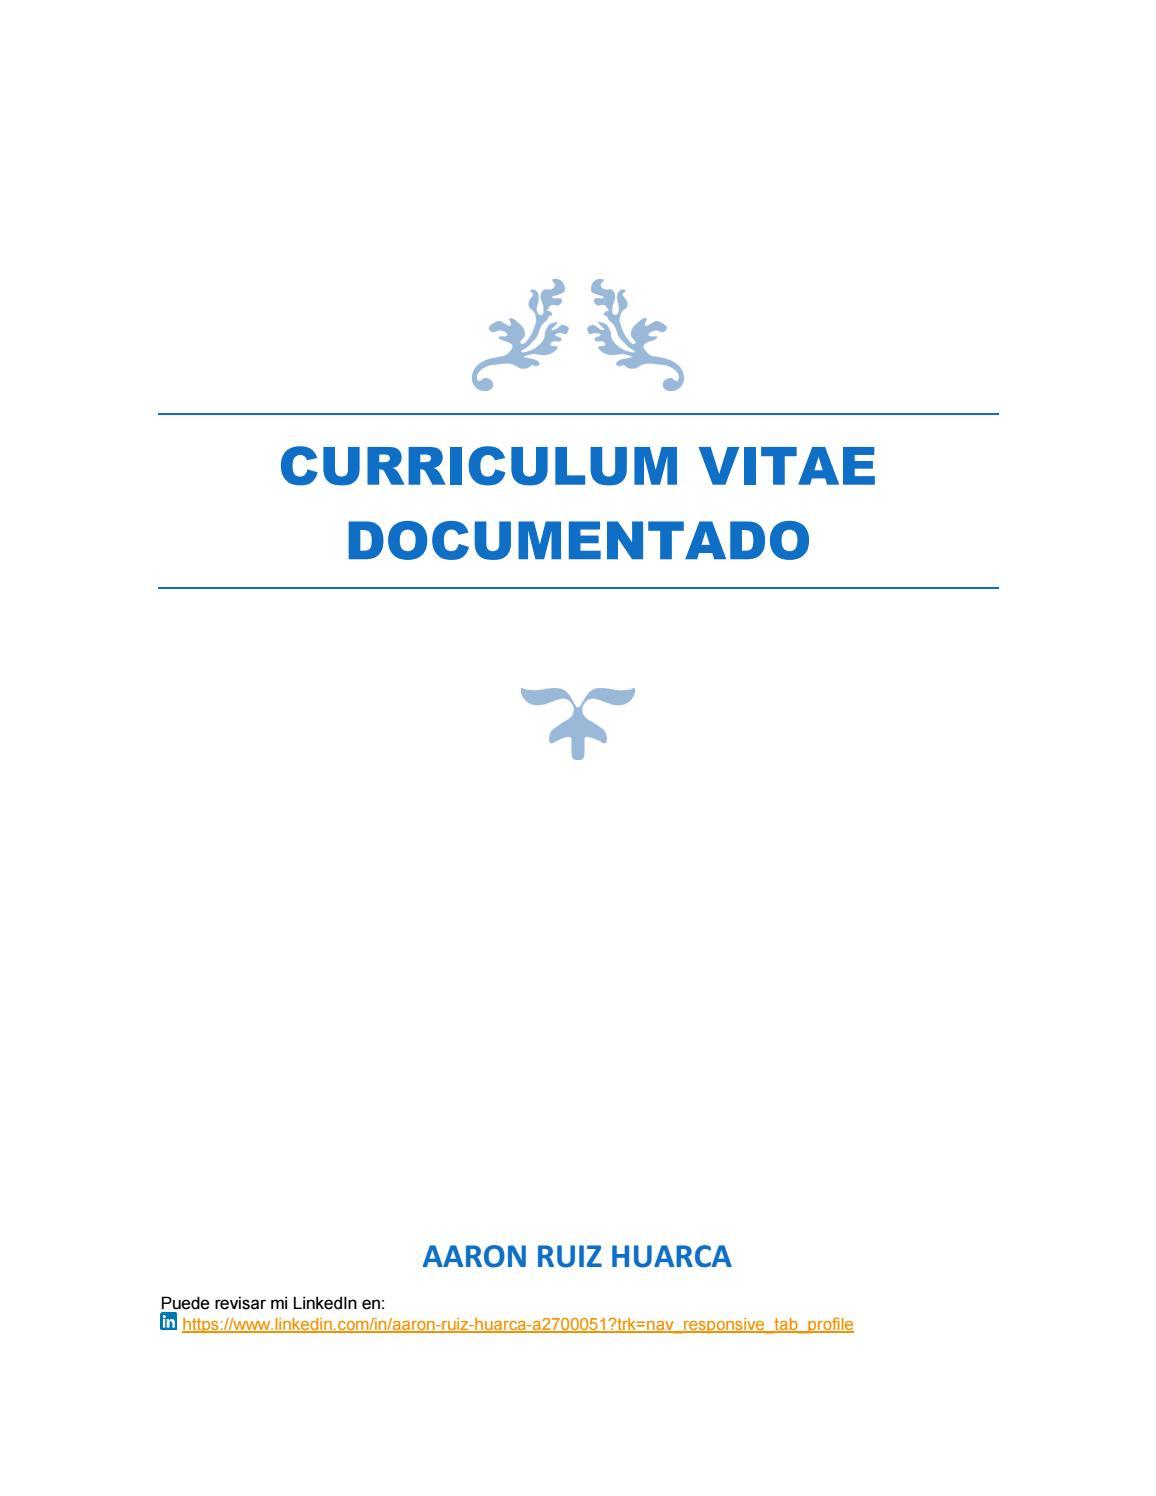 CV DOCUMENTADO AARON RUIZ HUARCA by Aaron Ruiz - issuu